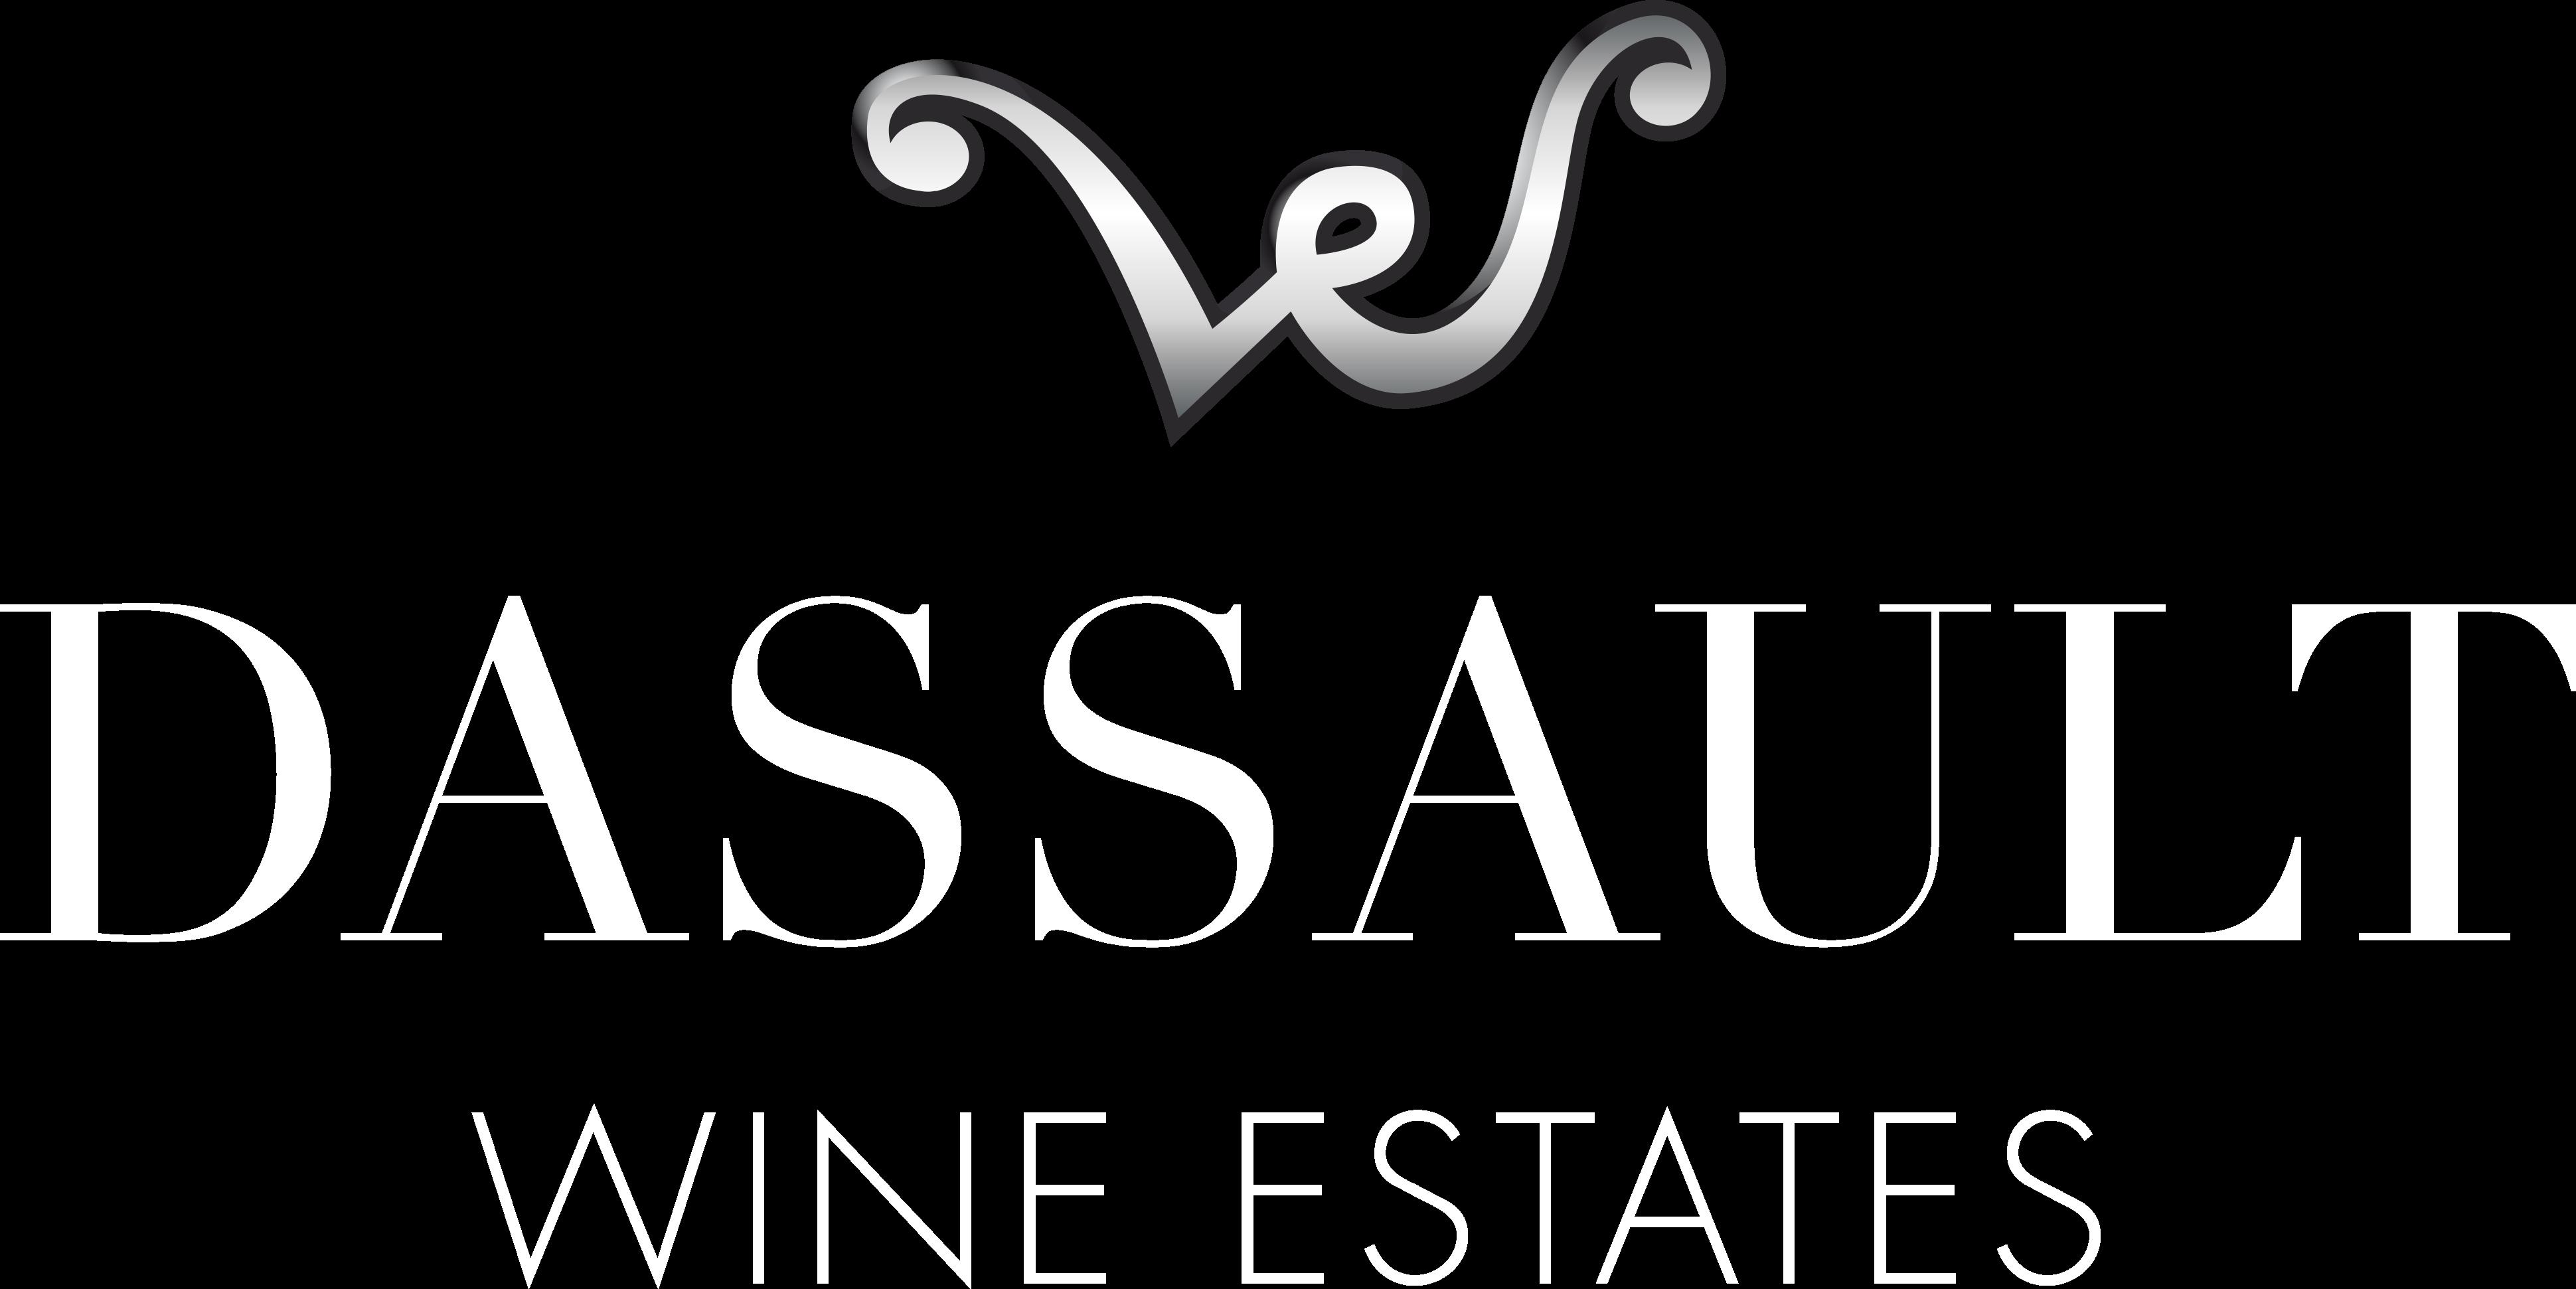 Dassault Wine Estates - L'esprit de réussite en Saint-Emilion